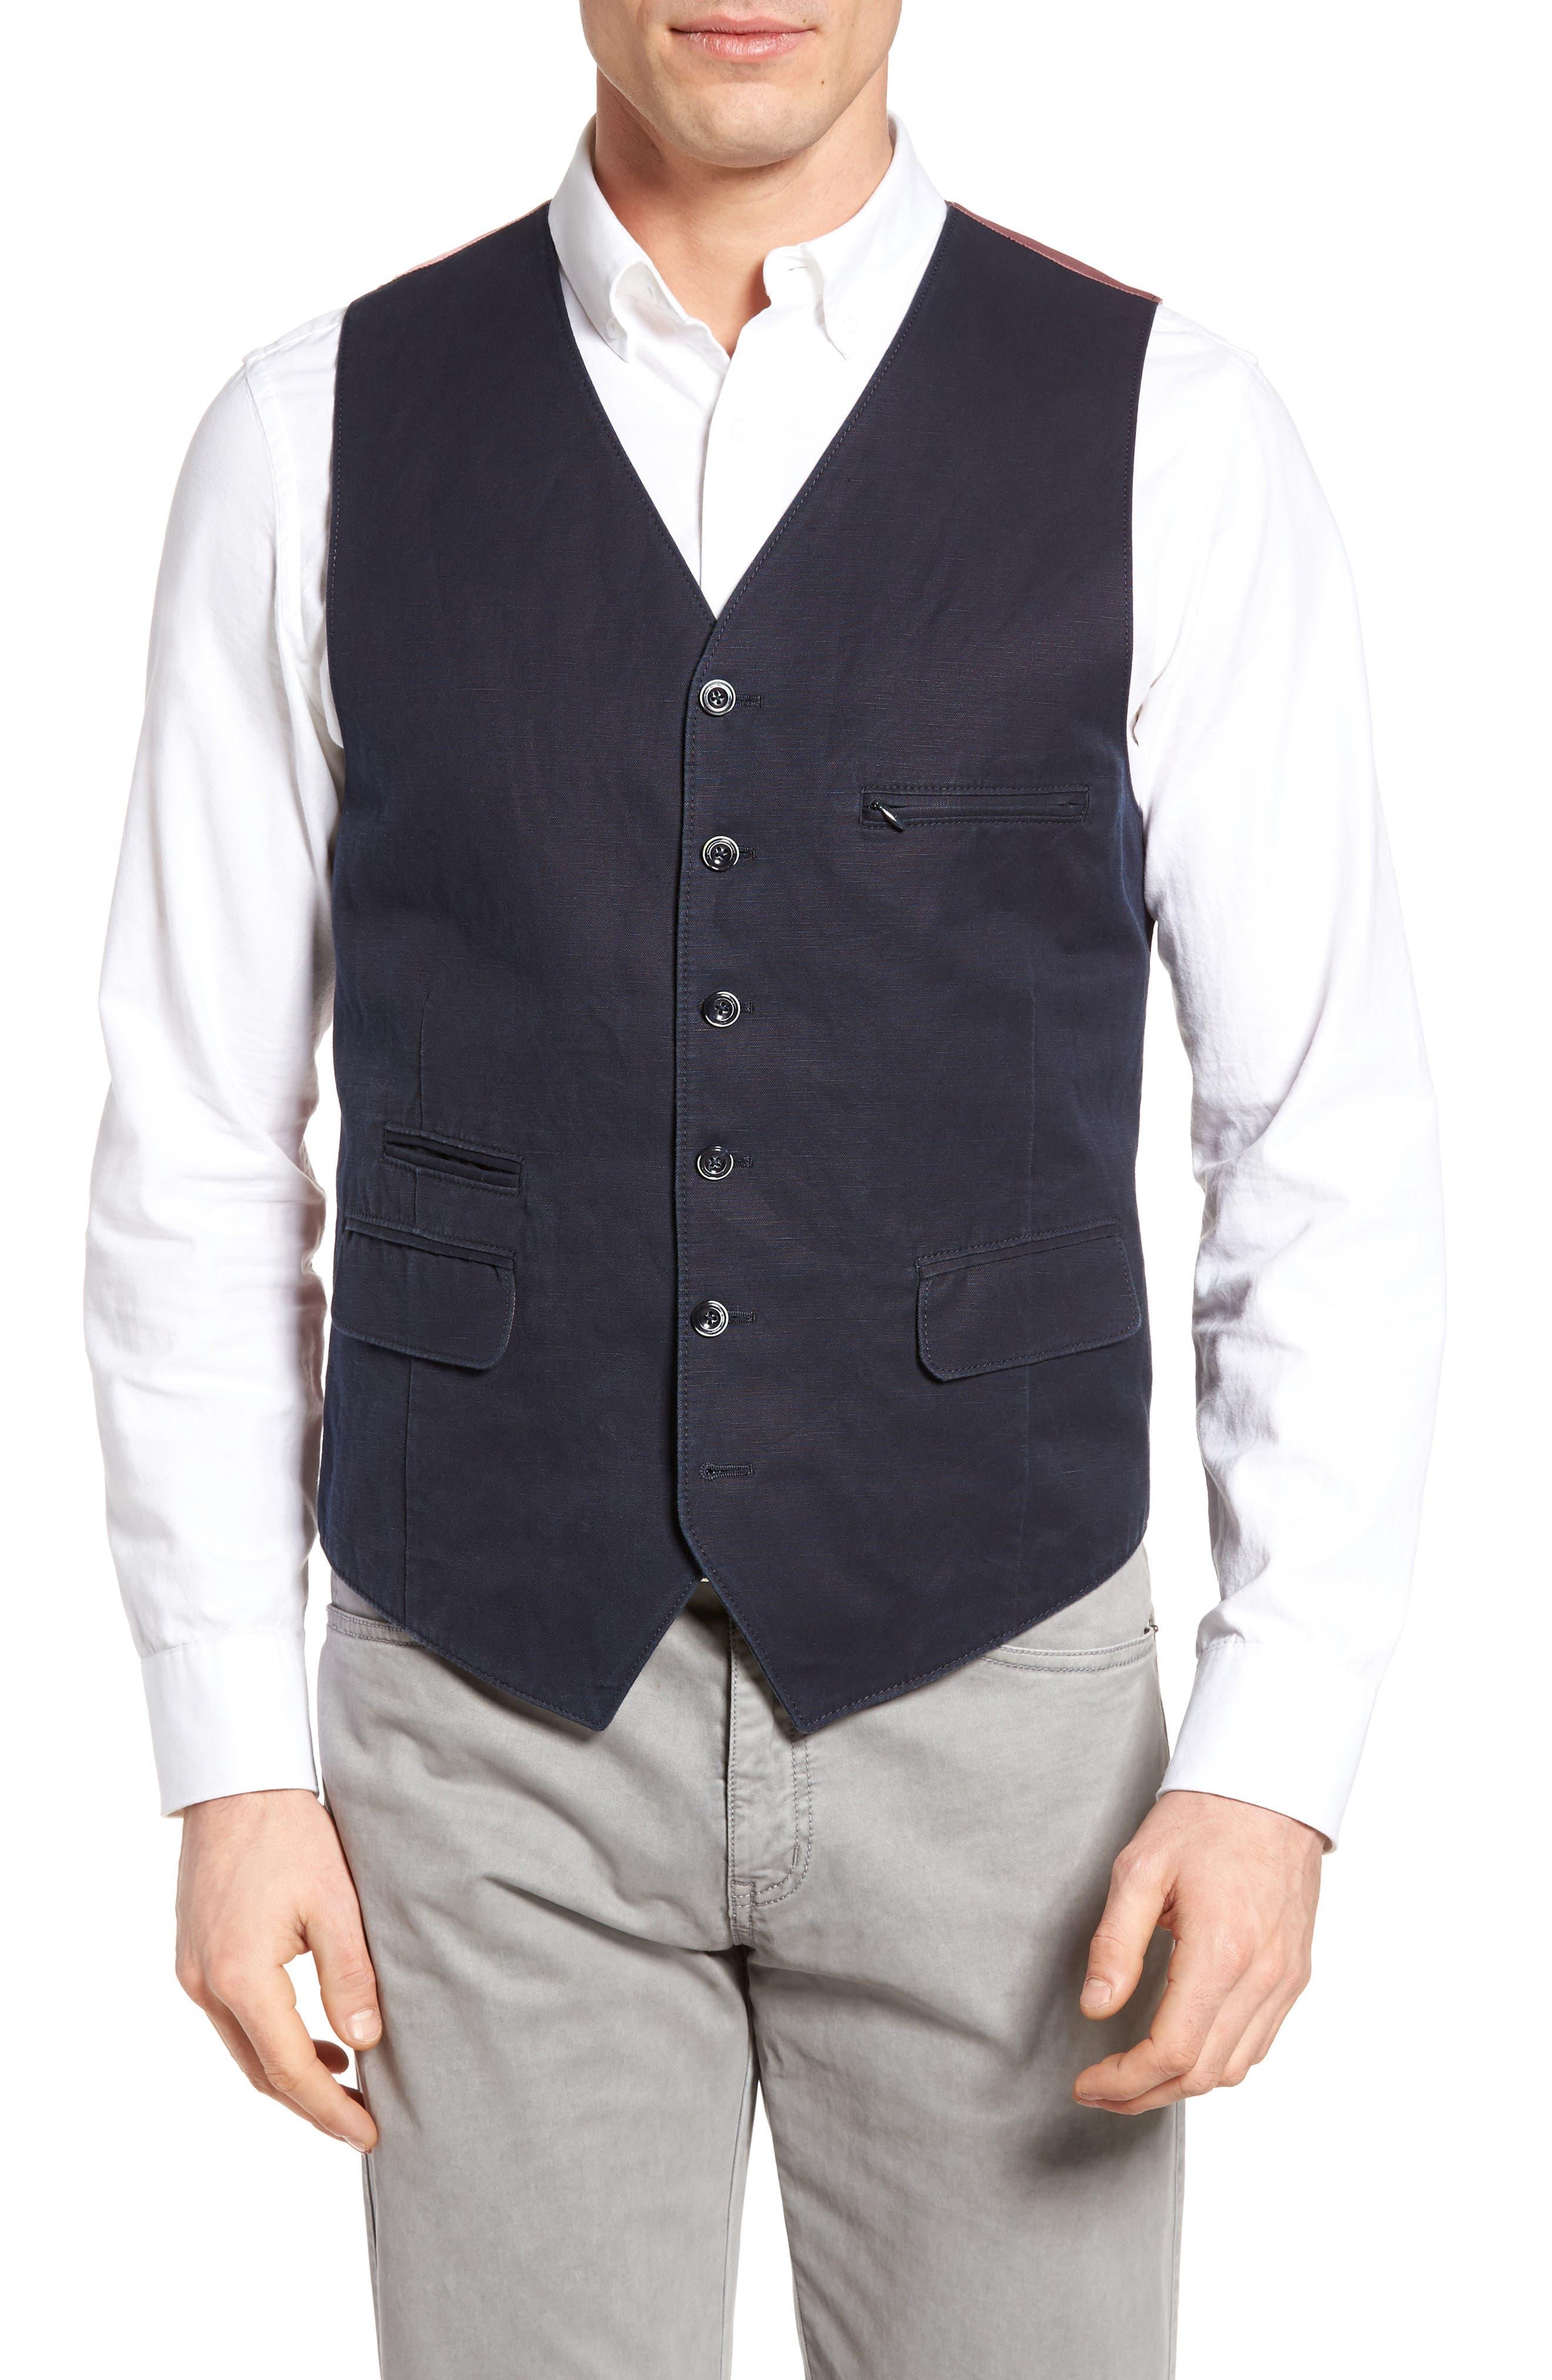 Hootie Solid Cotton & Linen Vest,                             Main thumbnail 1, color,                             Navy